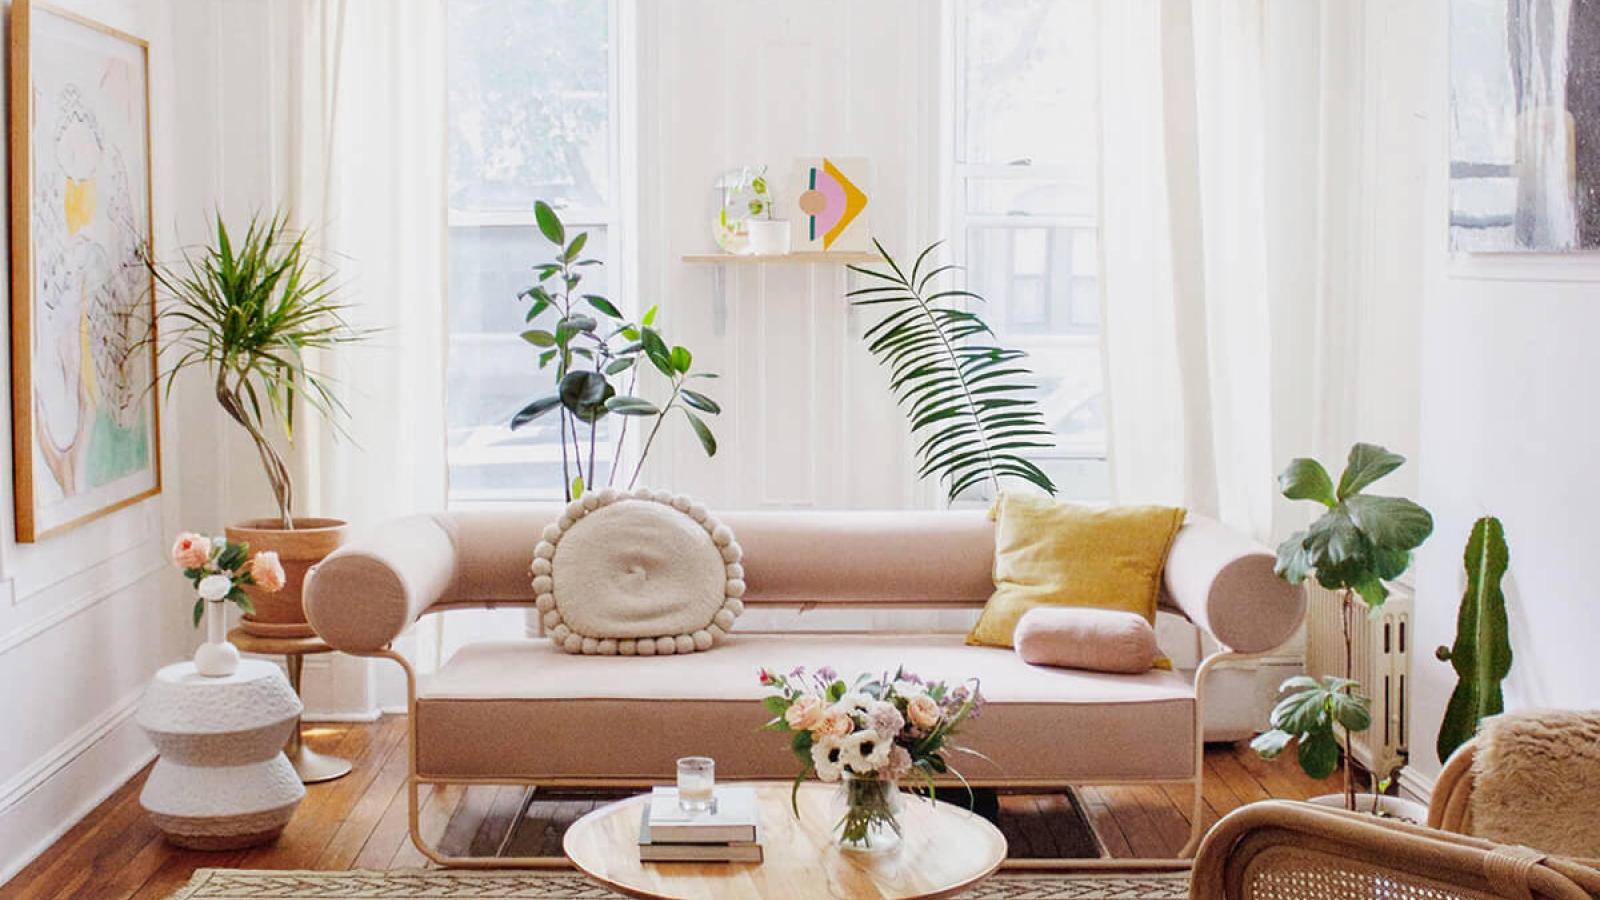 Ý tưởng thiết kế và trang trí phòng khách cho căn hộ